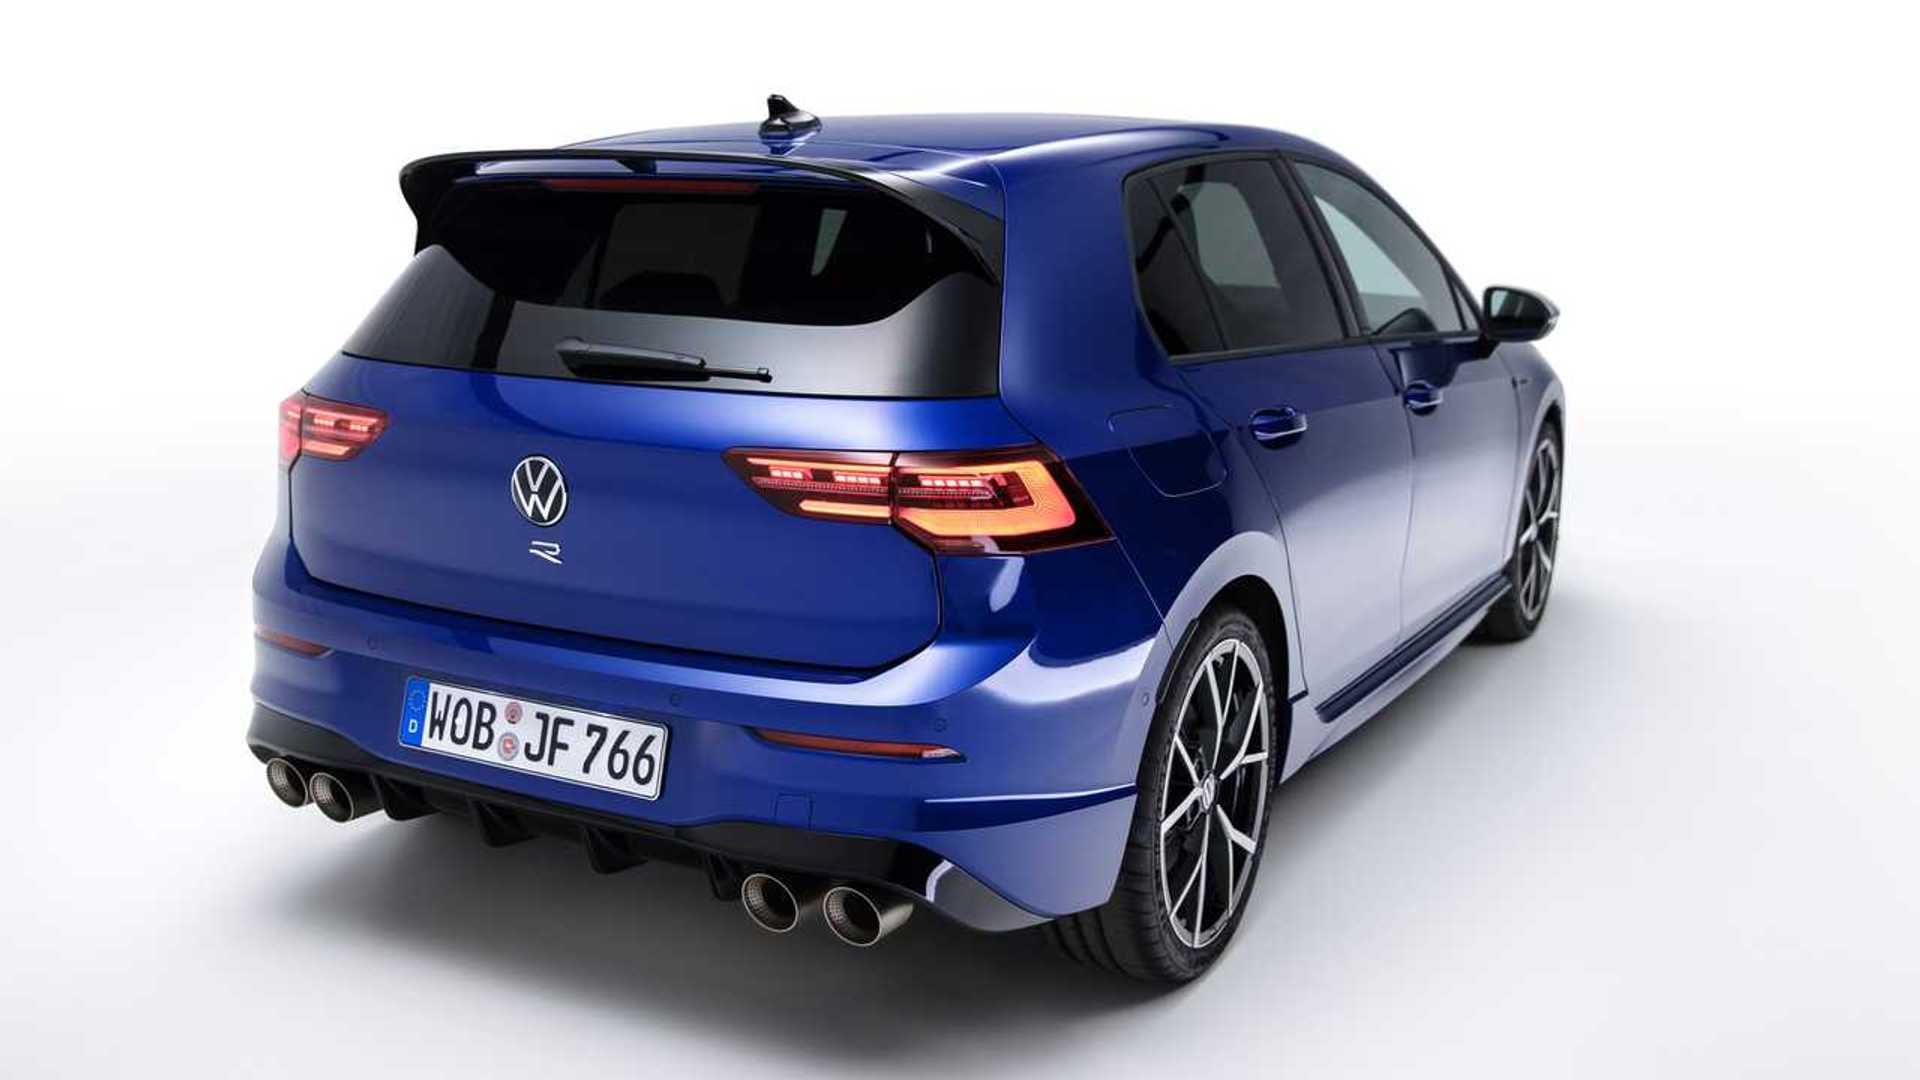 Les prix de la Volkswagen Golf R dévoilés